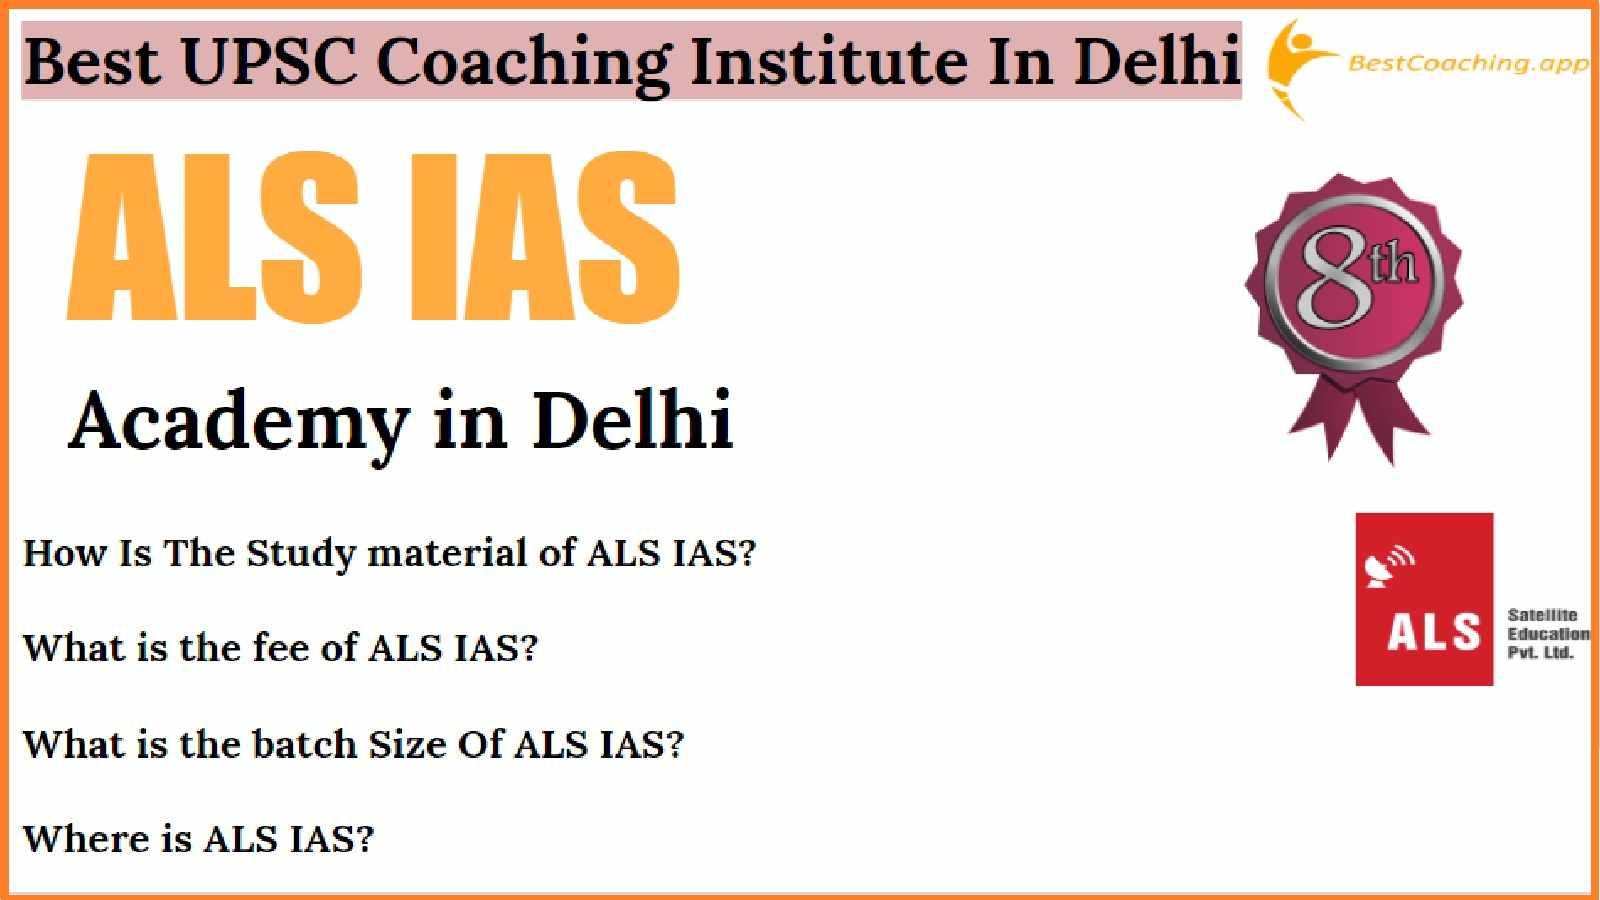 Top UPSC Coaching of Delhi